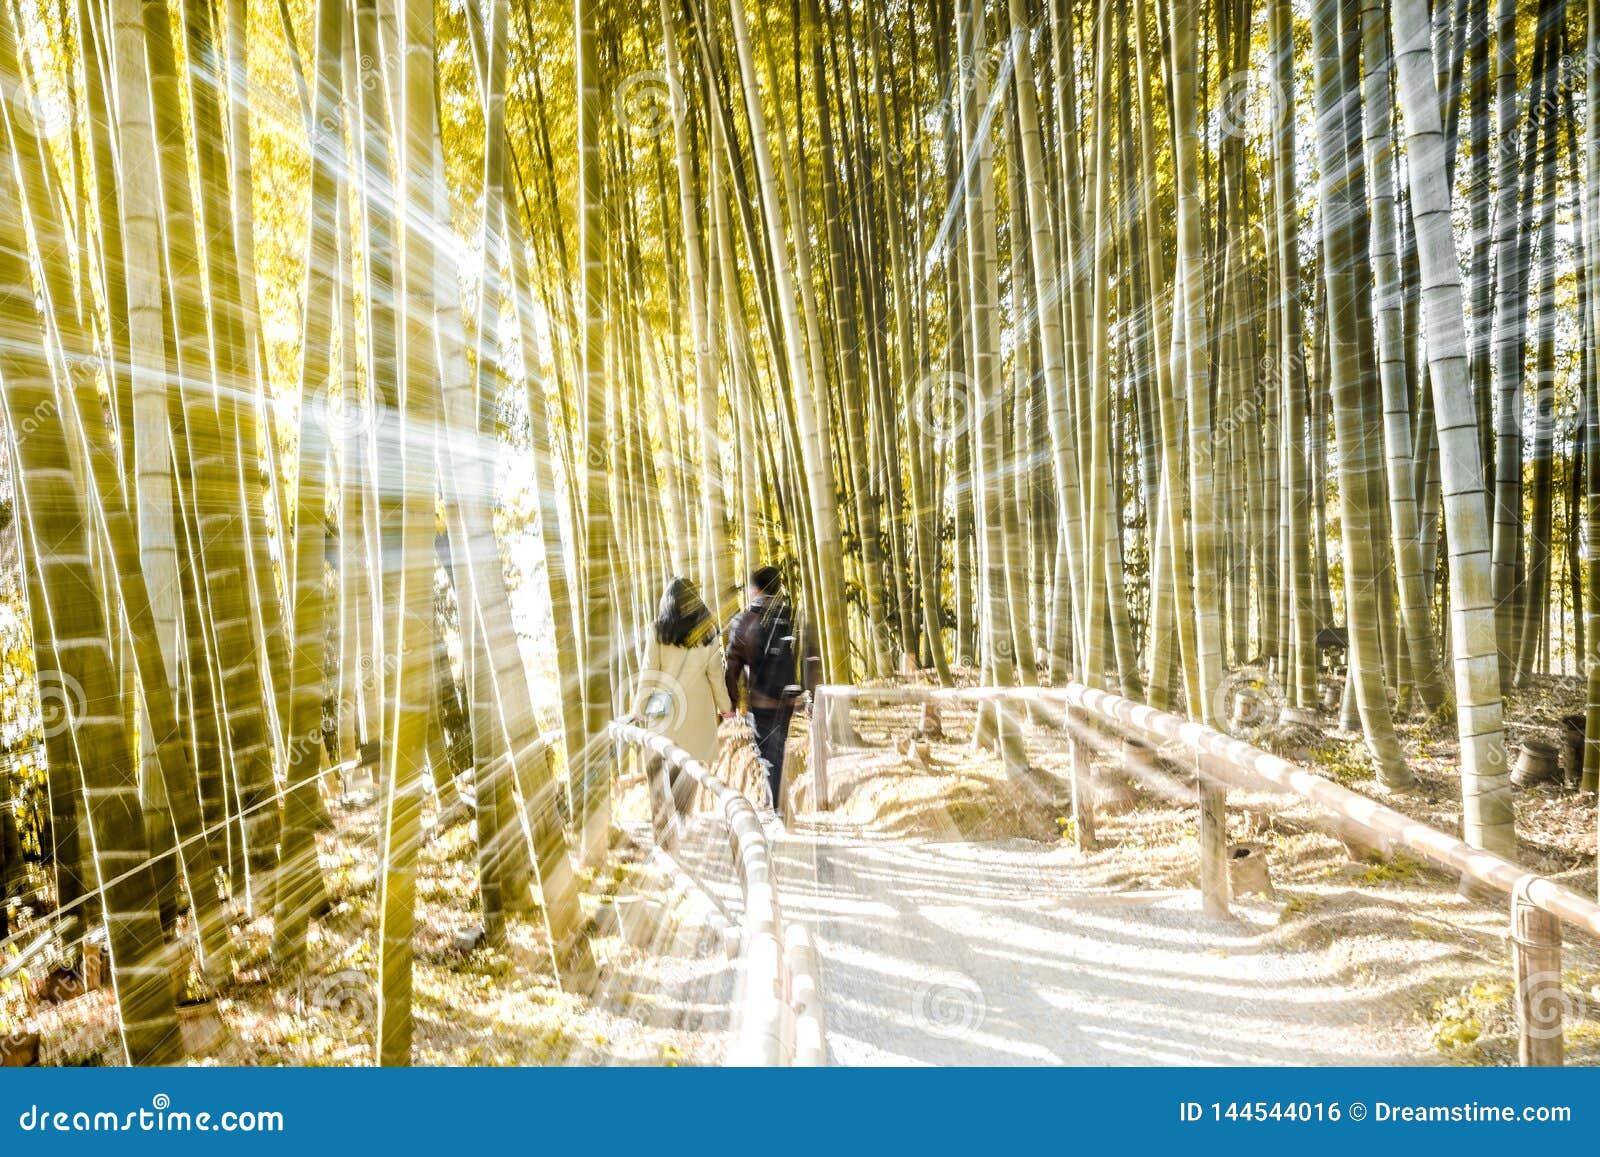 Forest Effect de bambú